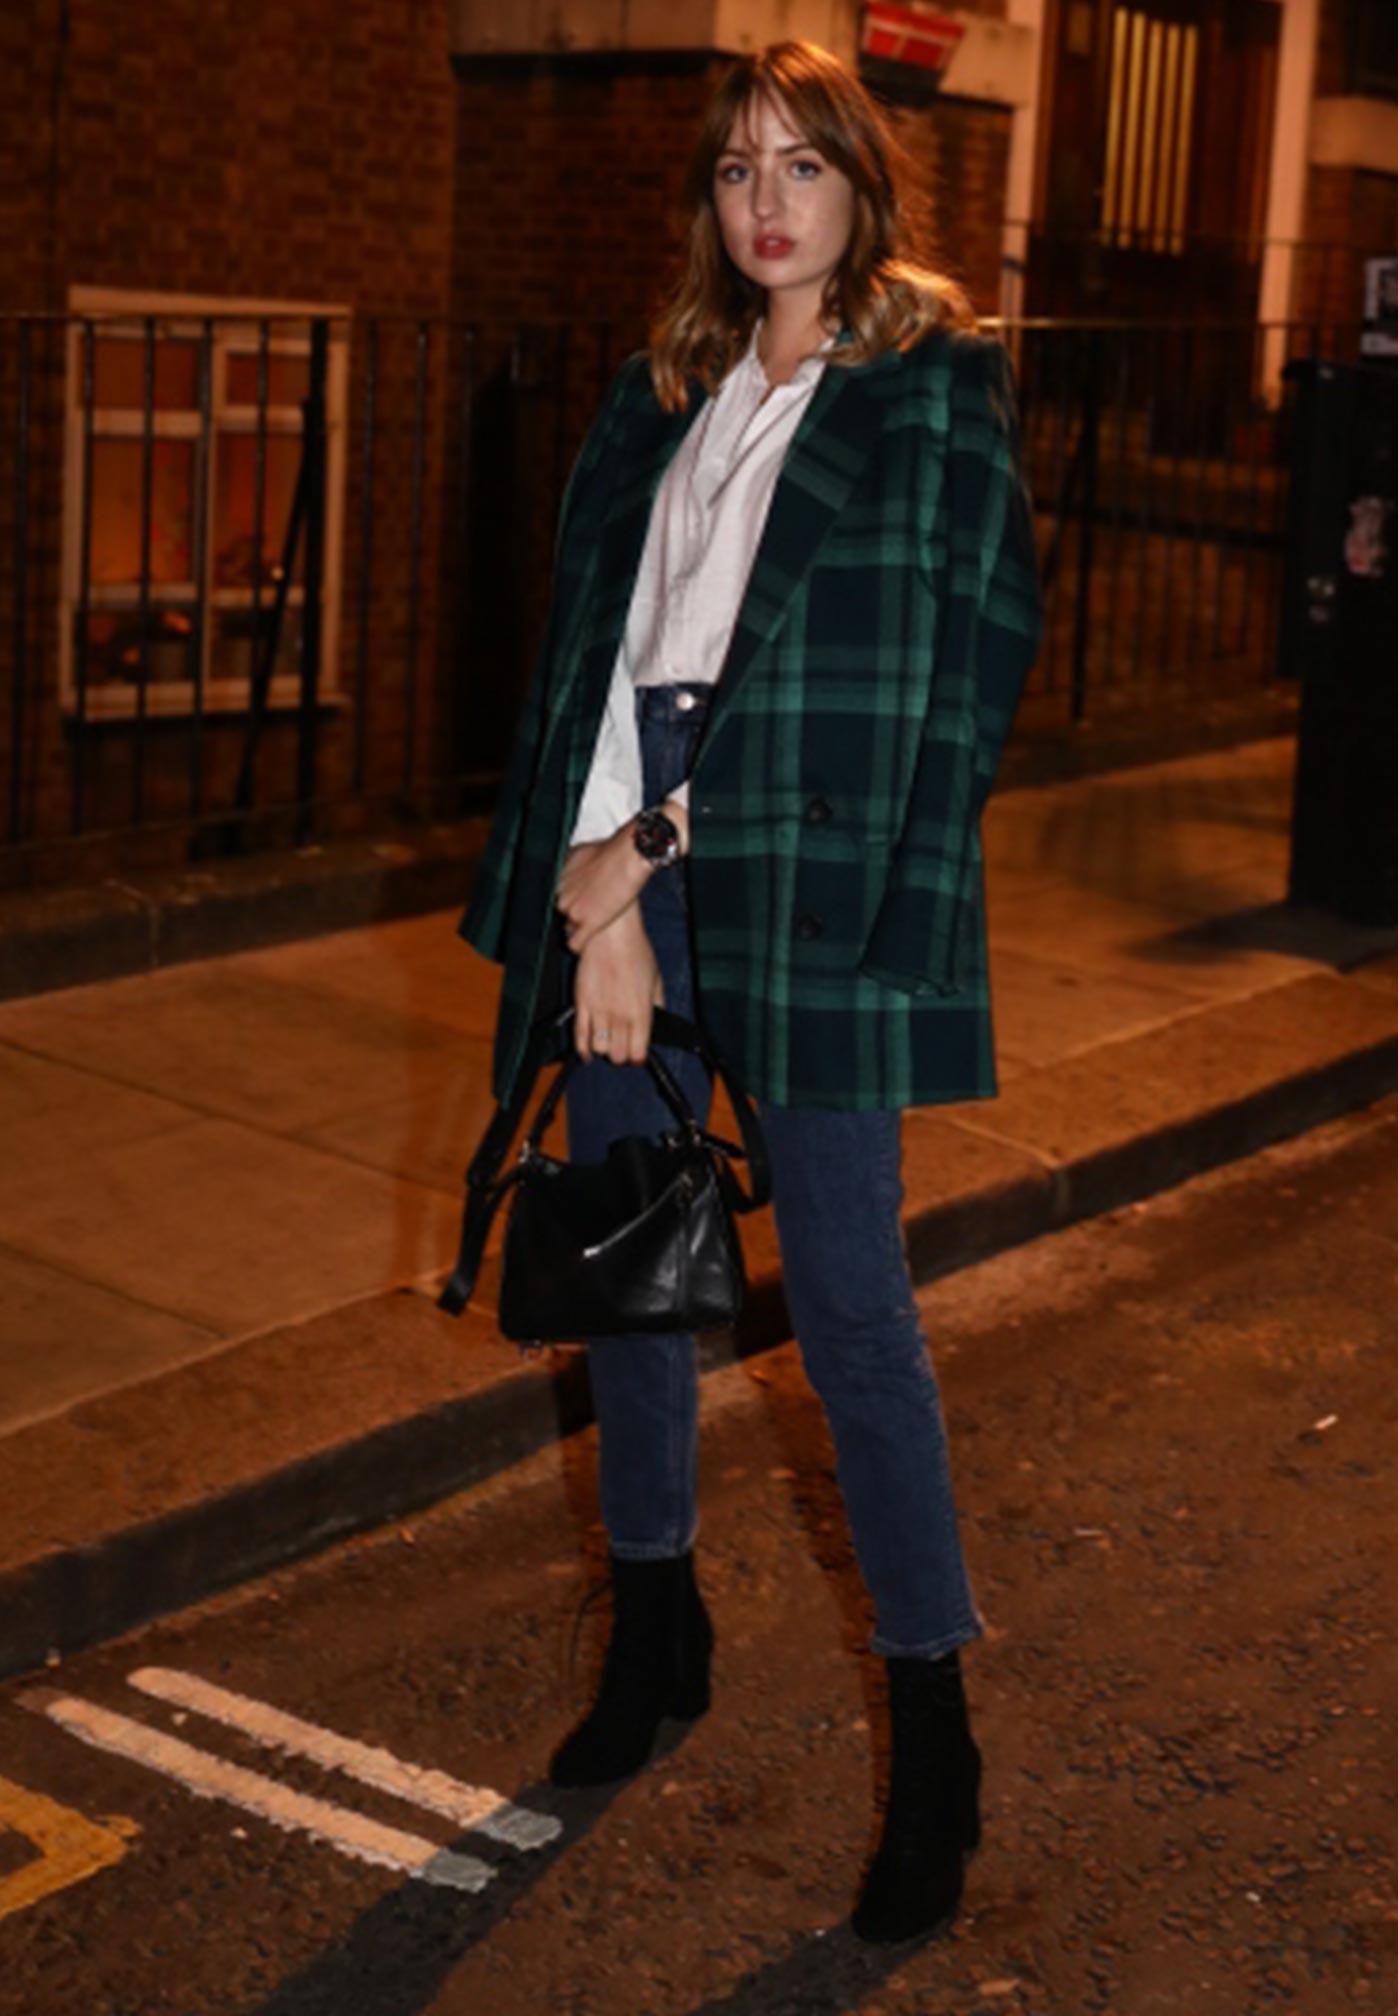 Lizzy auf den Straßen Londons